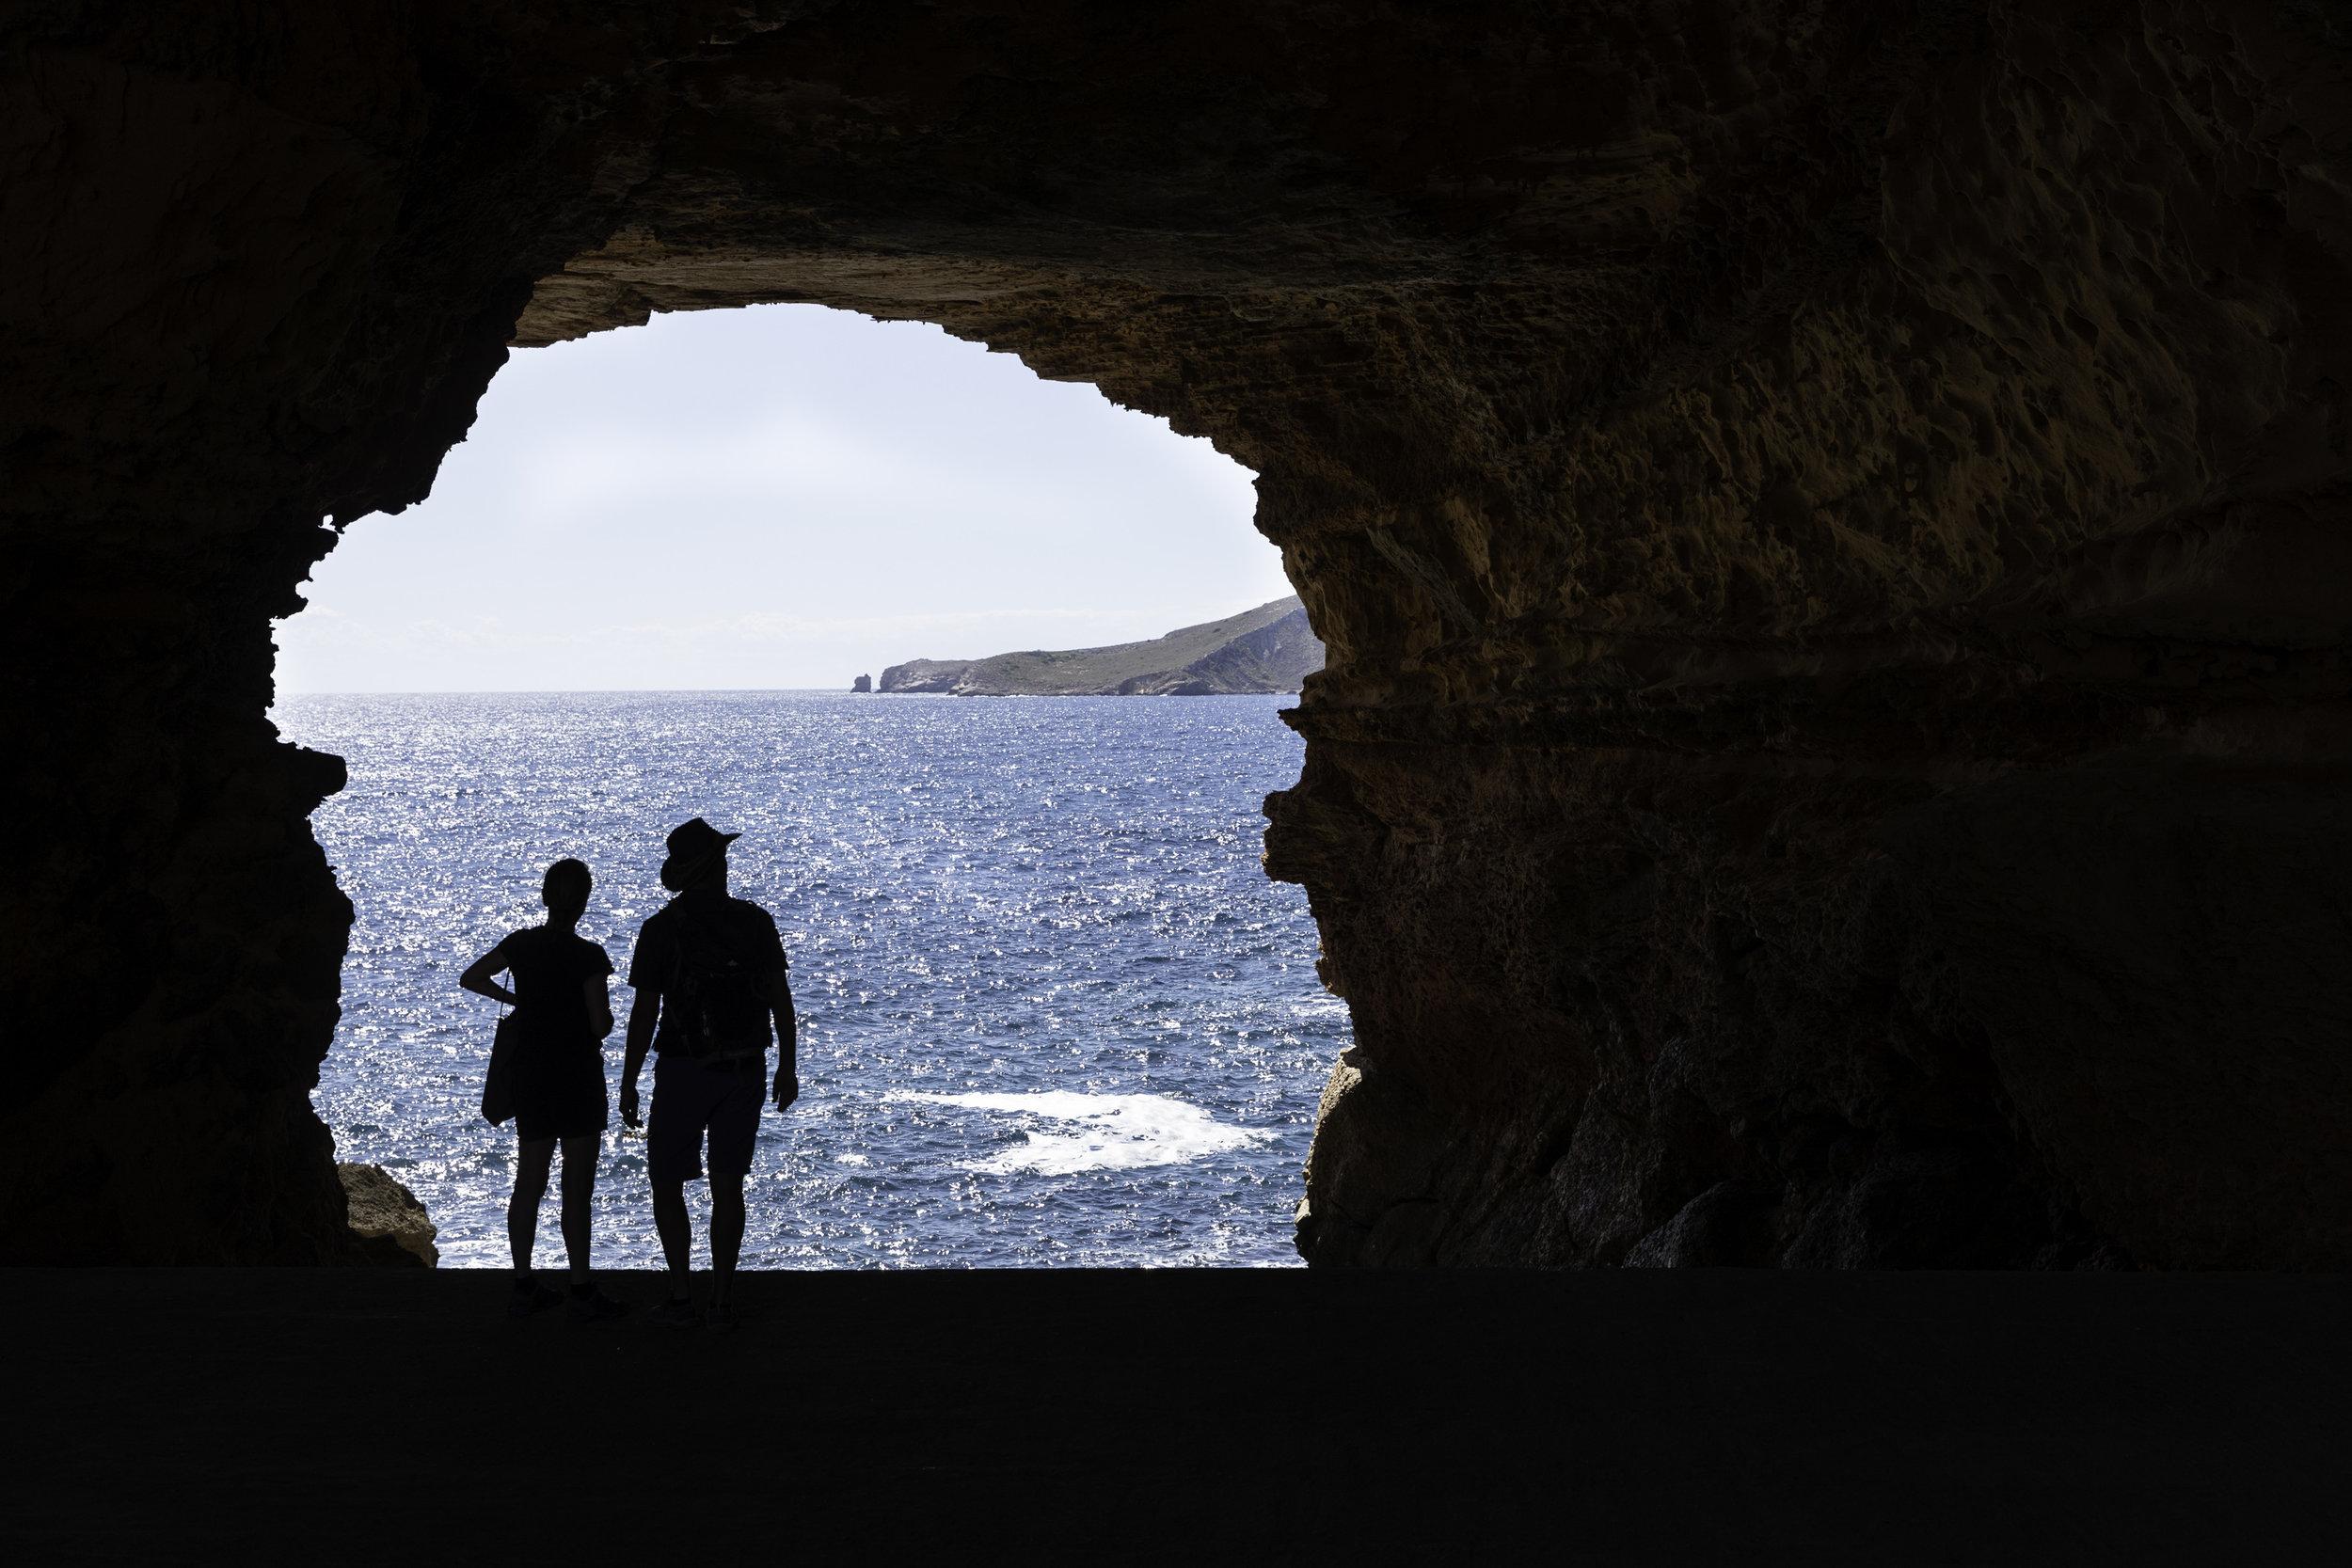 BenReadPhotography_easyJet_Ibiza-48.jpg